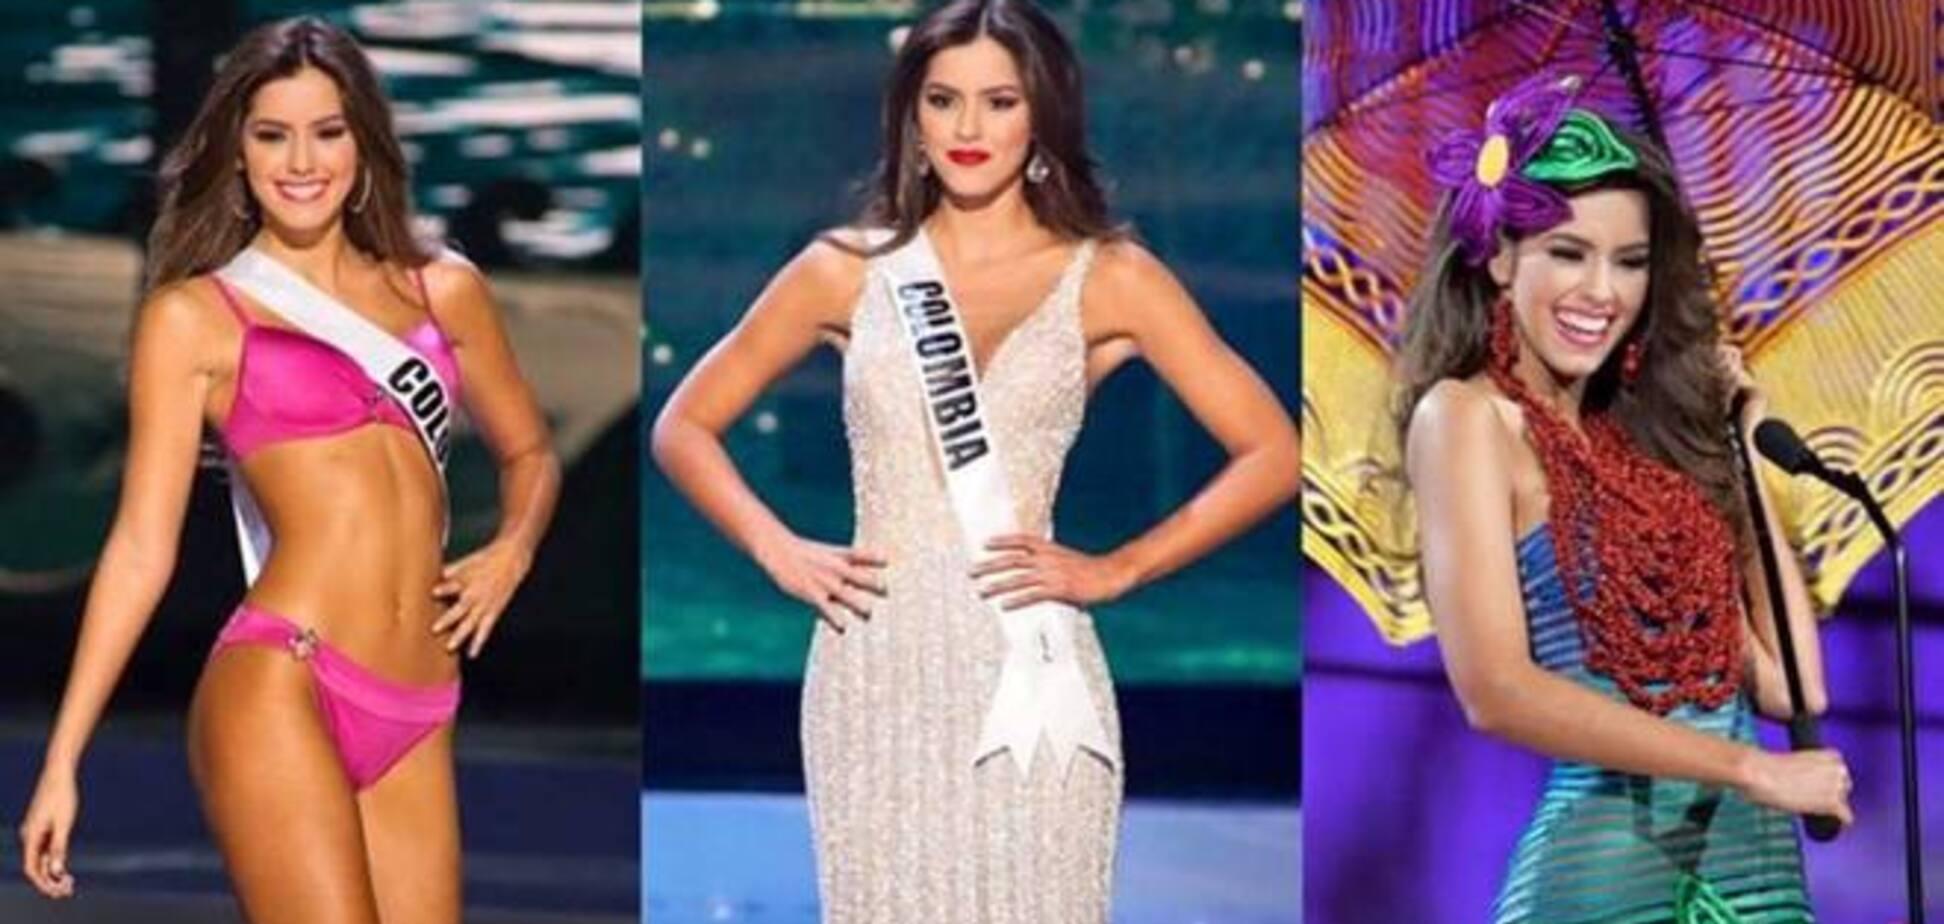 'Мисс Вселенная 2015' родилась в многодетной семье и работает моделью с 8 лет: лучшие фото красавицы